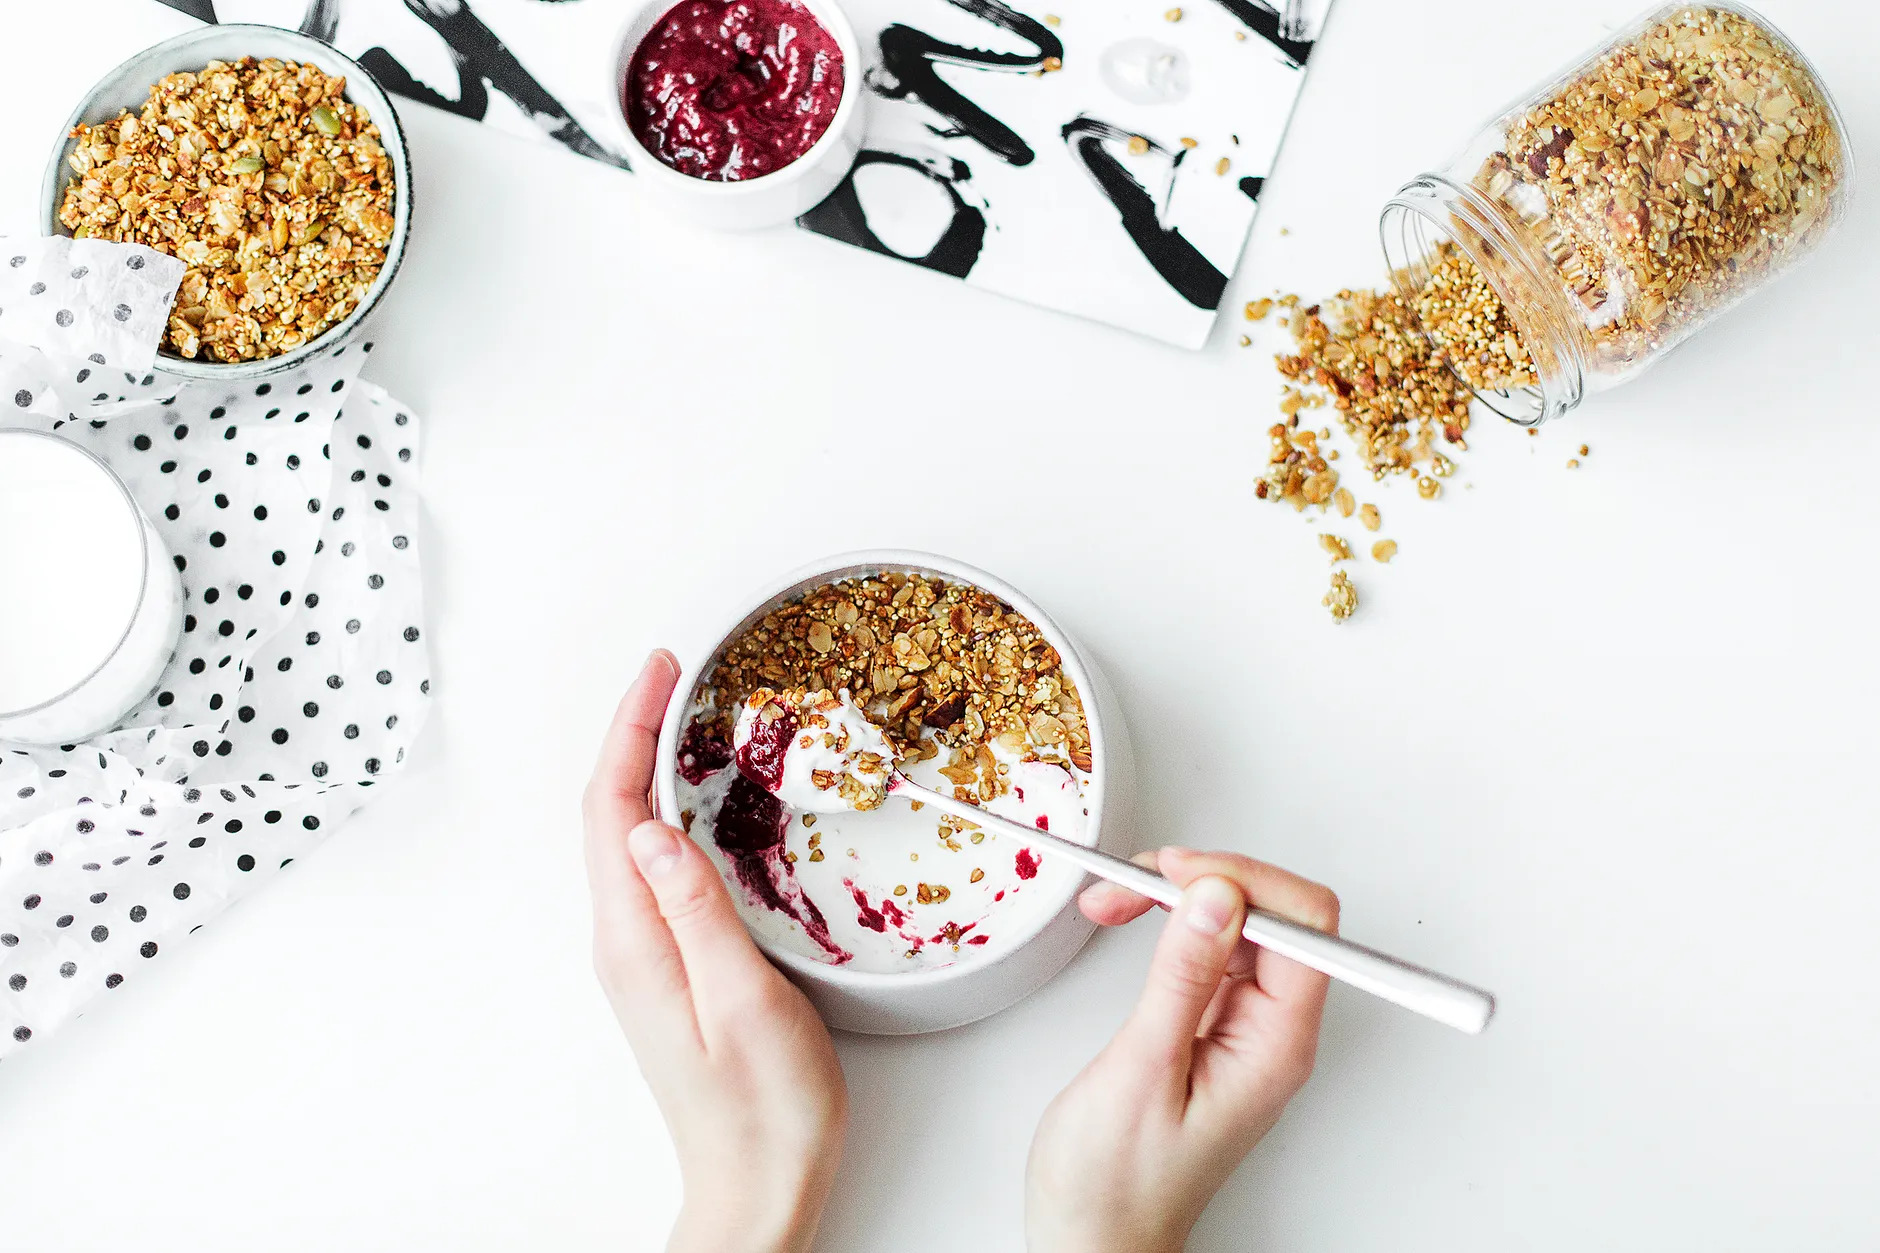 Hoe kies je de meest gezonde ontbijtgranen?